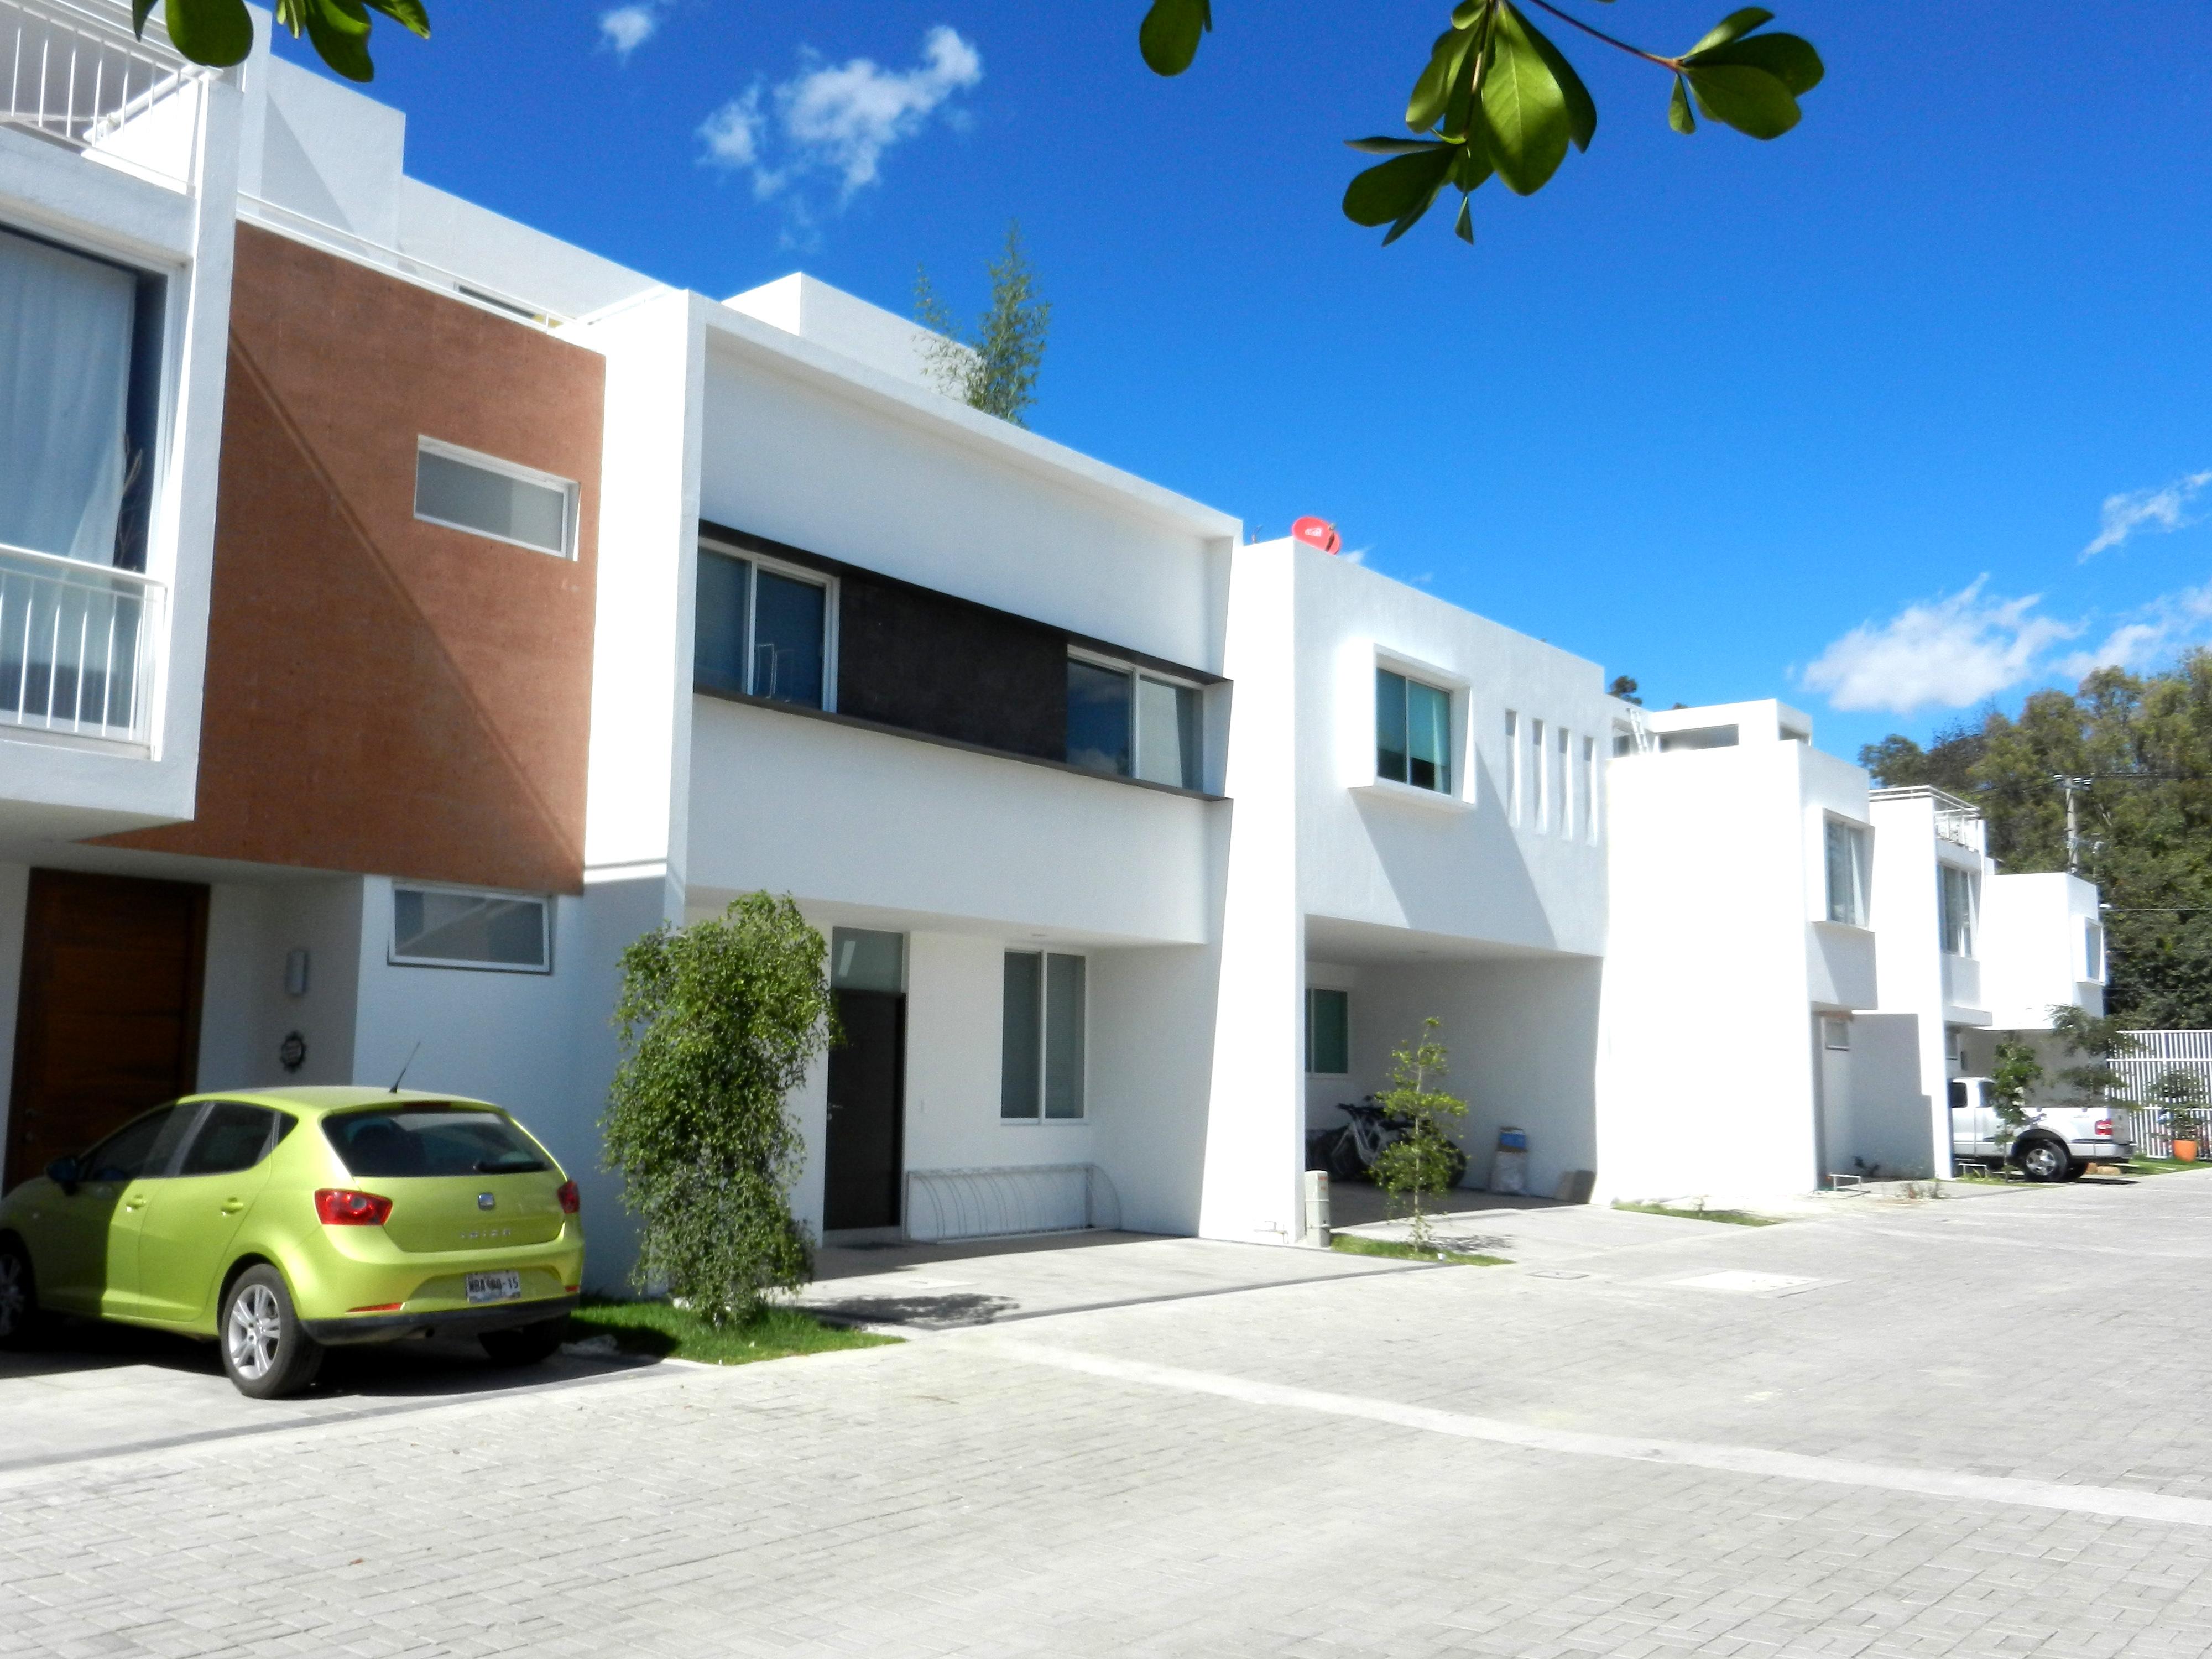 Planta arquitect nica casa de estudiantes en guadalajara for Hospedaje para universitarios